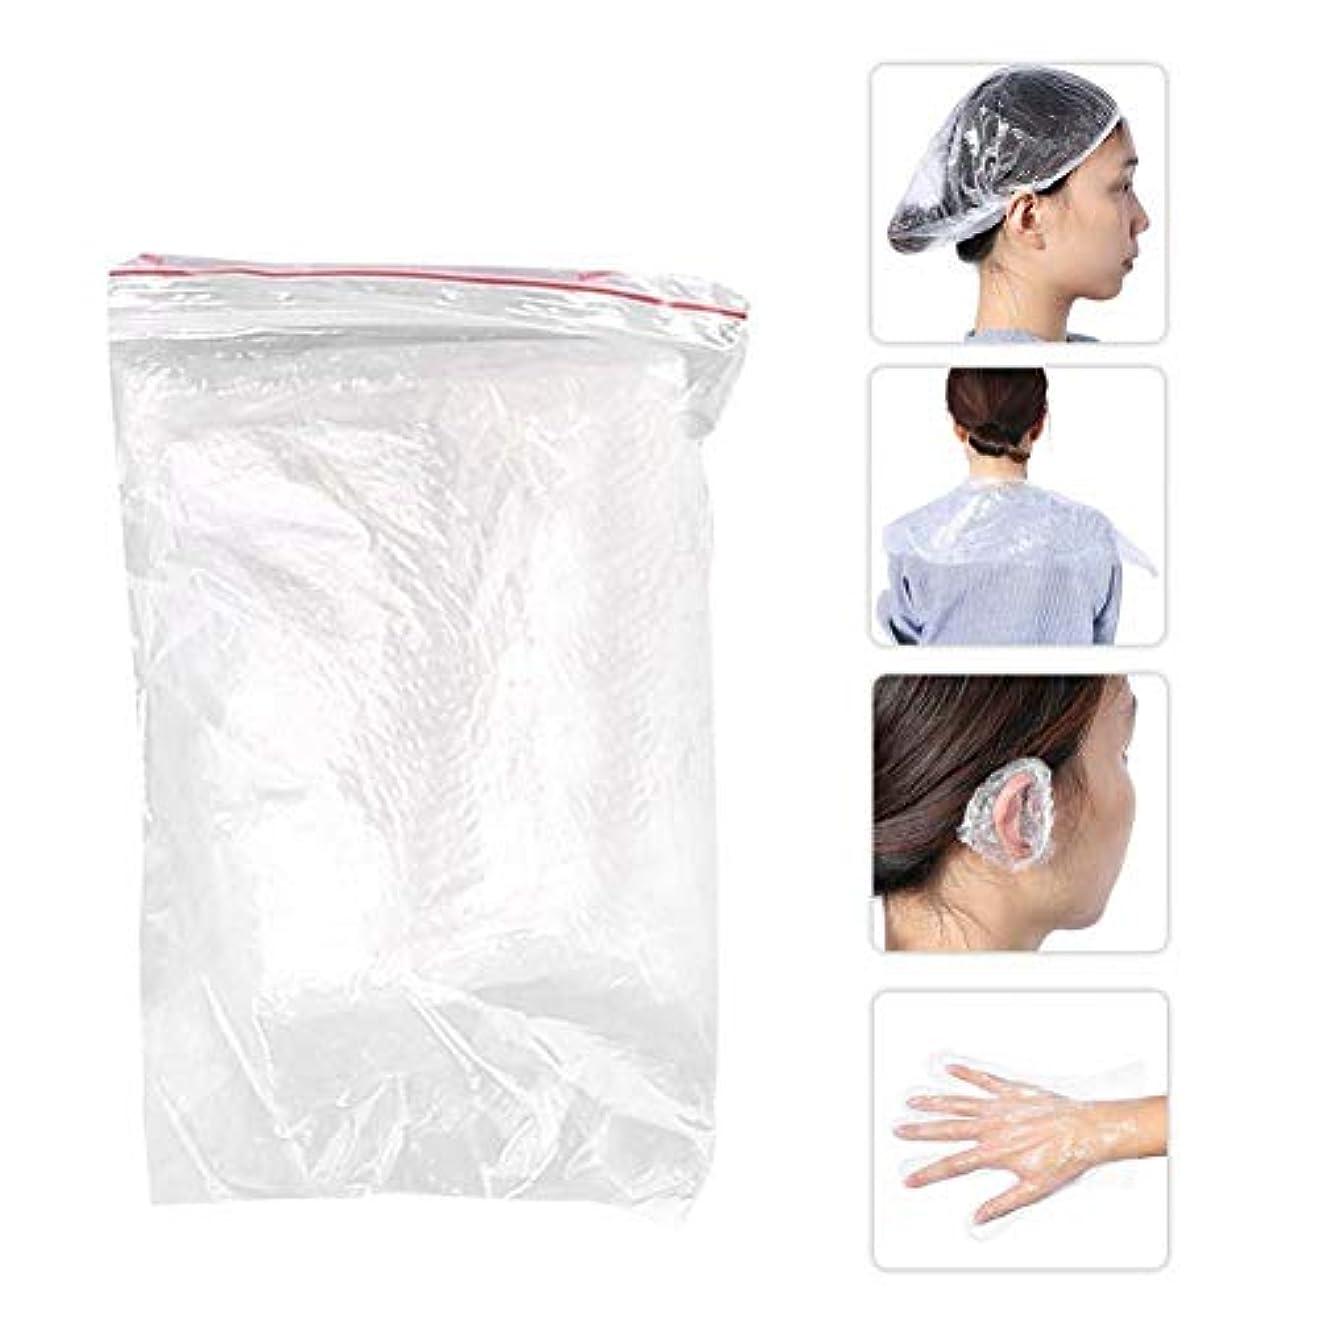 ポップ好意スロープ美容用品毛染めツール ショールイヤーマフ手袋シャワーキャップ10セット使い捨てサロン シャワーキャップ耳カバー手袋